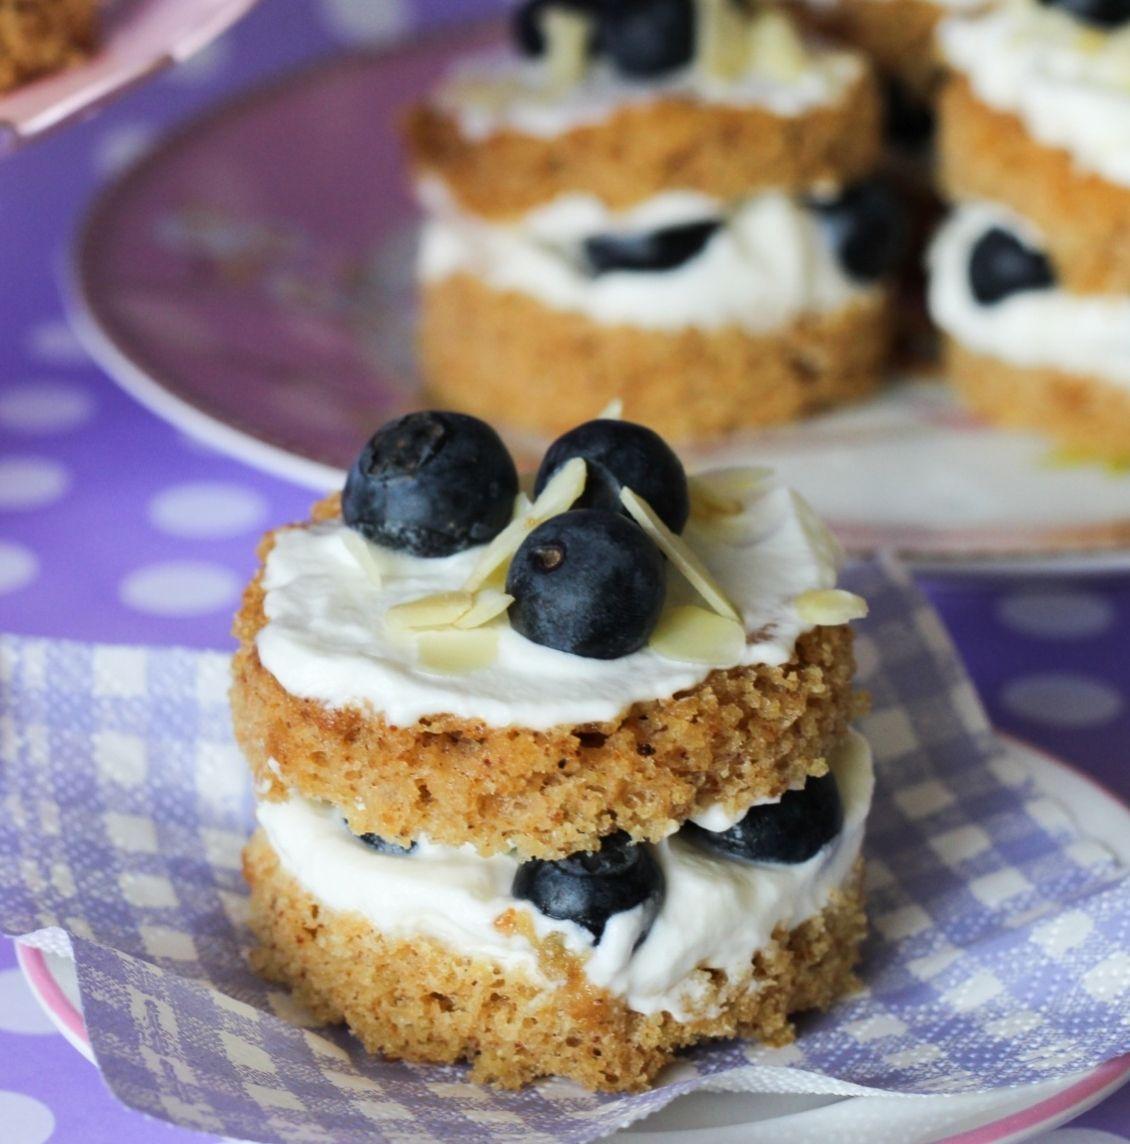 """Foto: Reprodução / <a href=""""http://www.icouldkillfordessert.com.br/receitas/sobremesas-low-carb-por-bruna-gomes/naked-cake-de-amendoas-e-mirtilos/"""" target=""""_blank"""">I could kill for dessert</a>"""